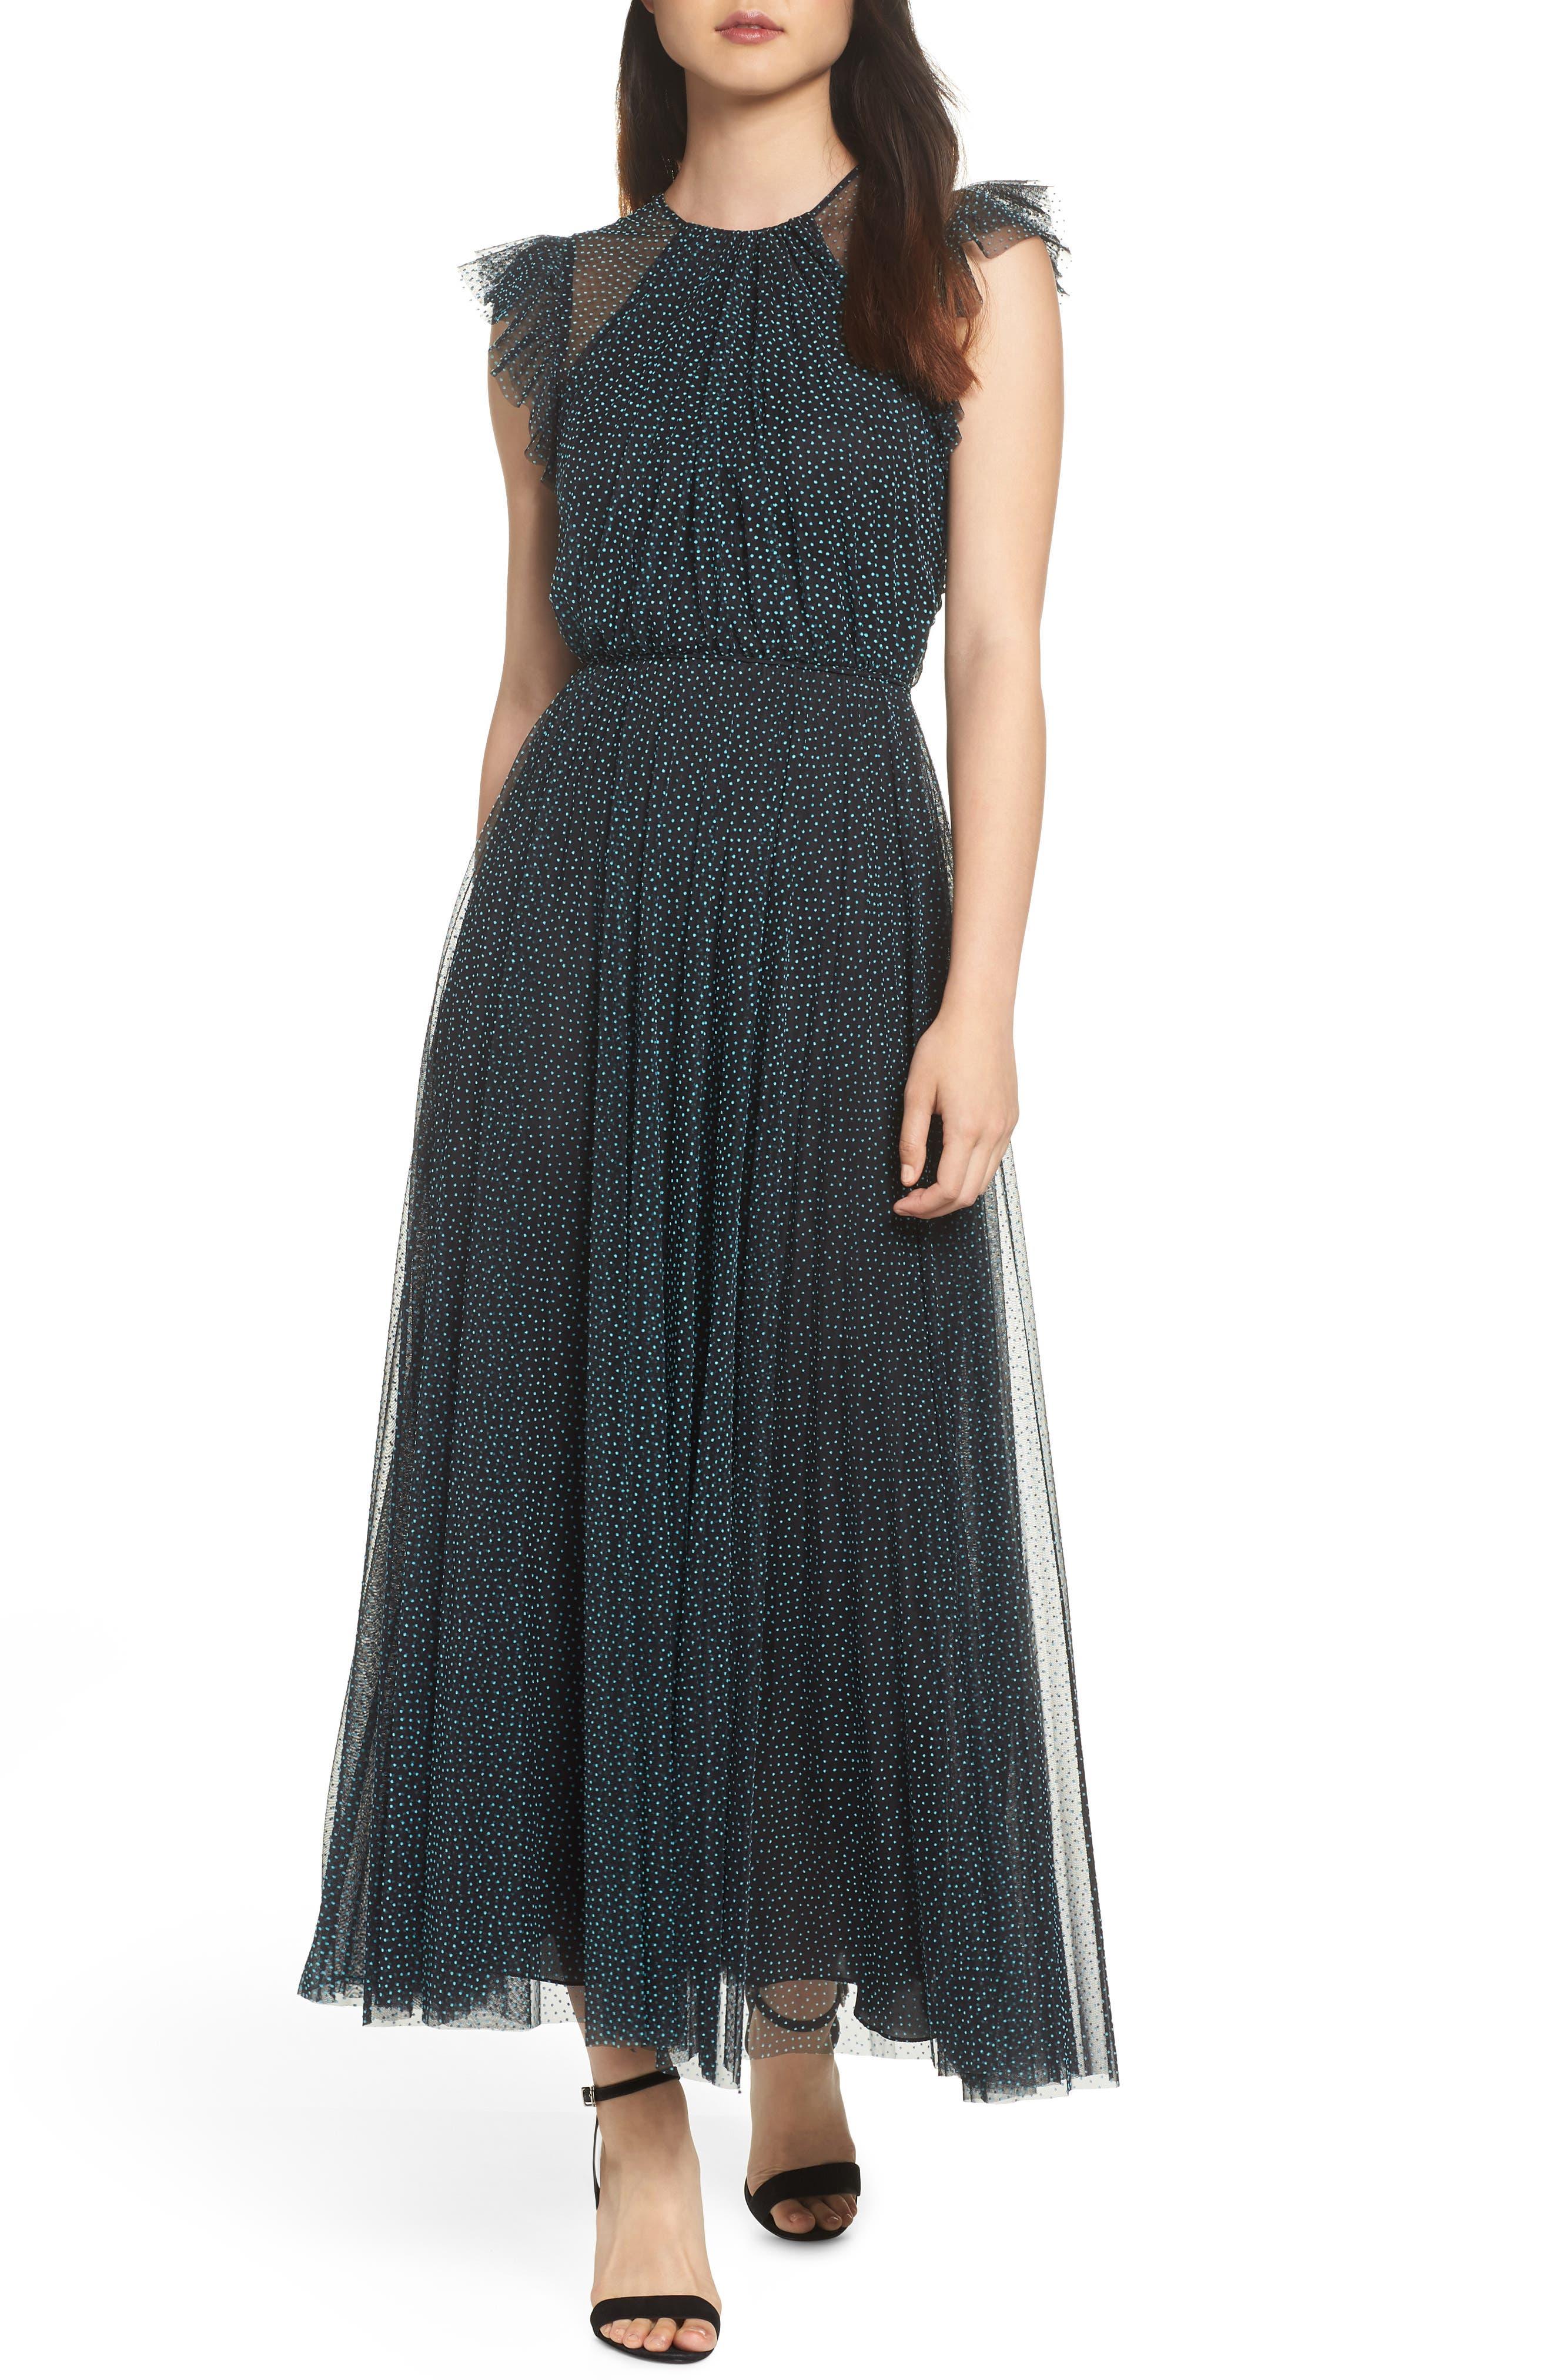 Flocked Dot Tulle Dress in Black/ Lagoon